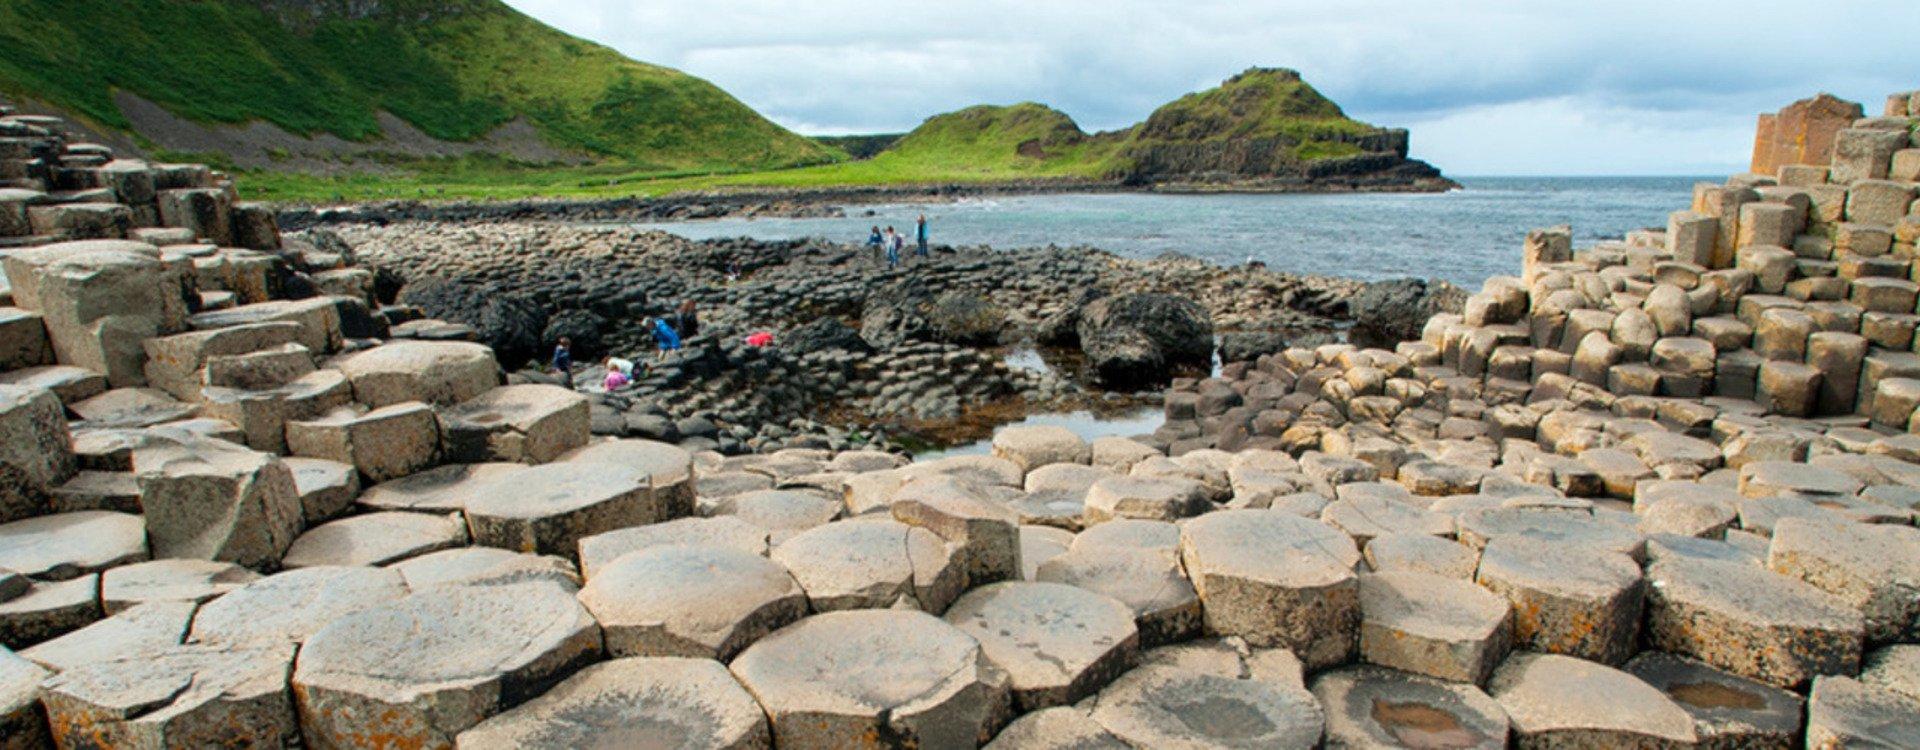 Zweitägige Tour nach Nordirland